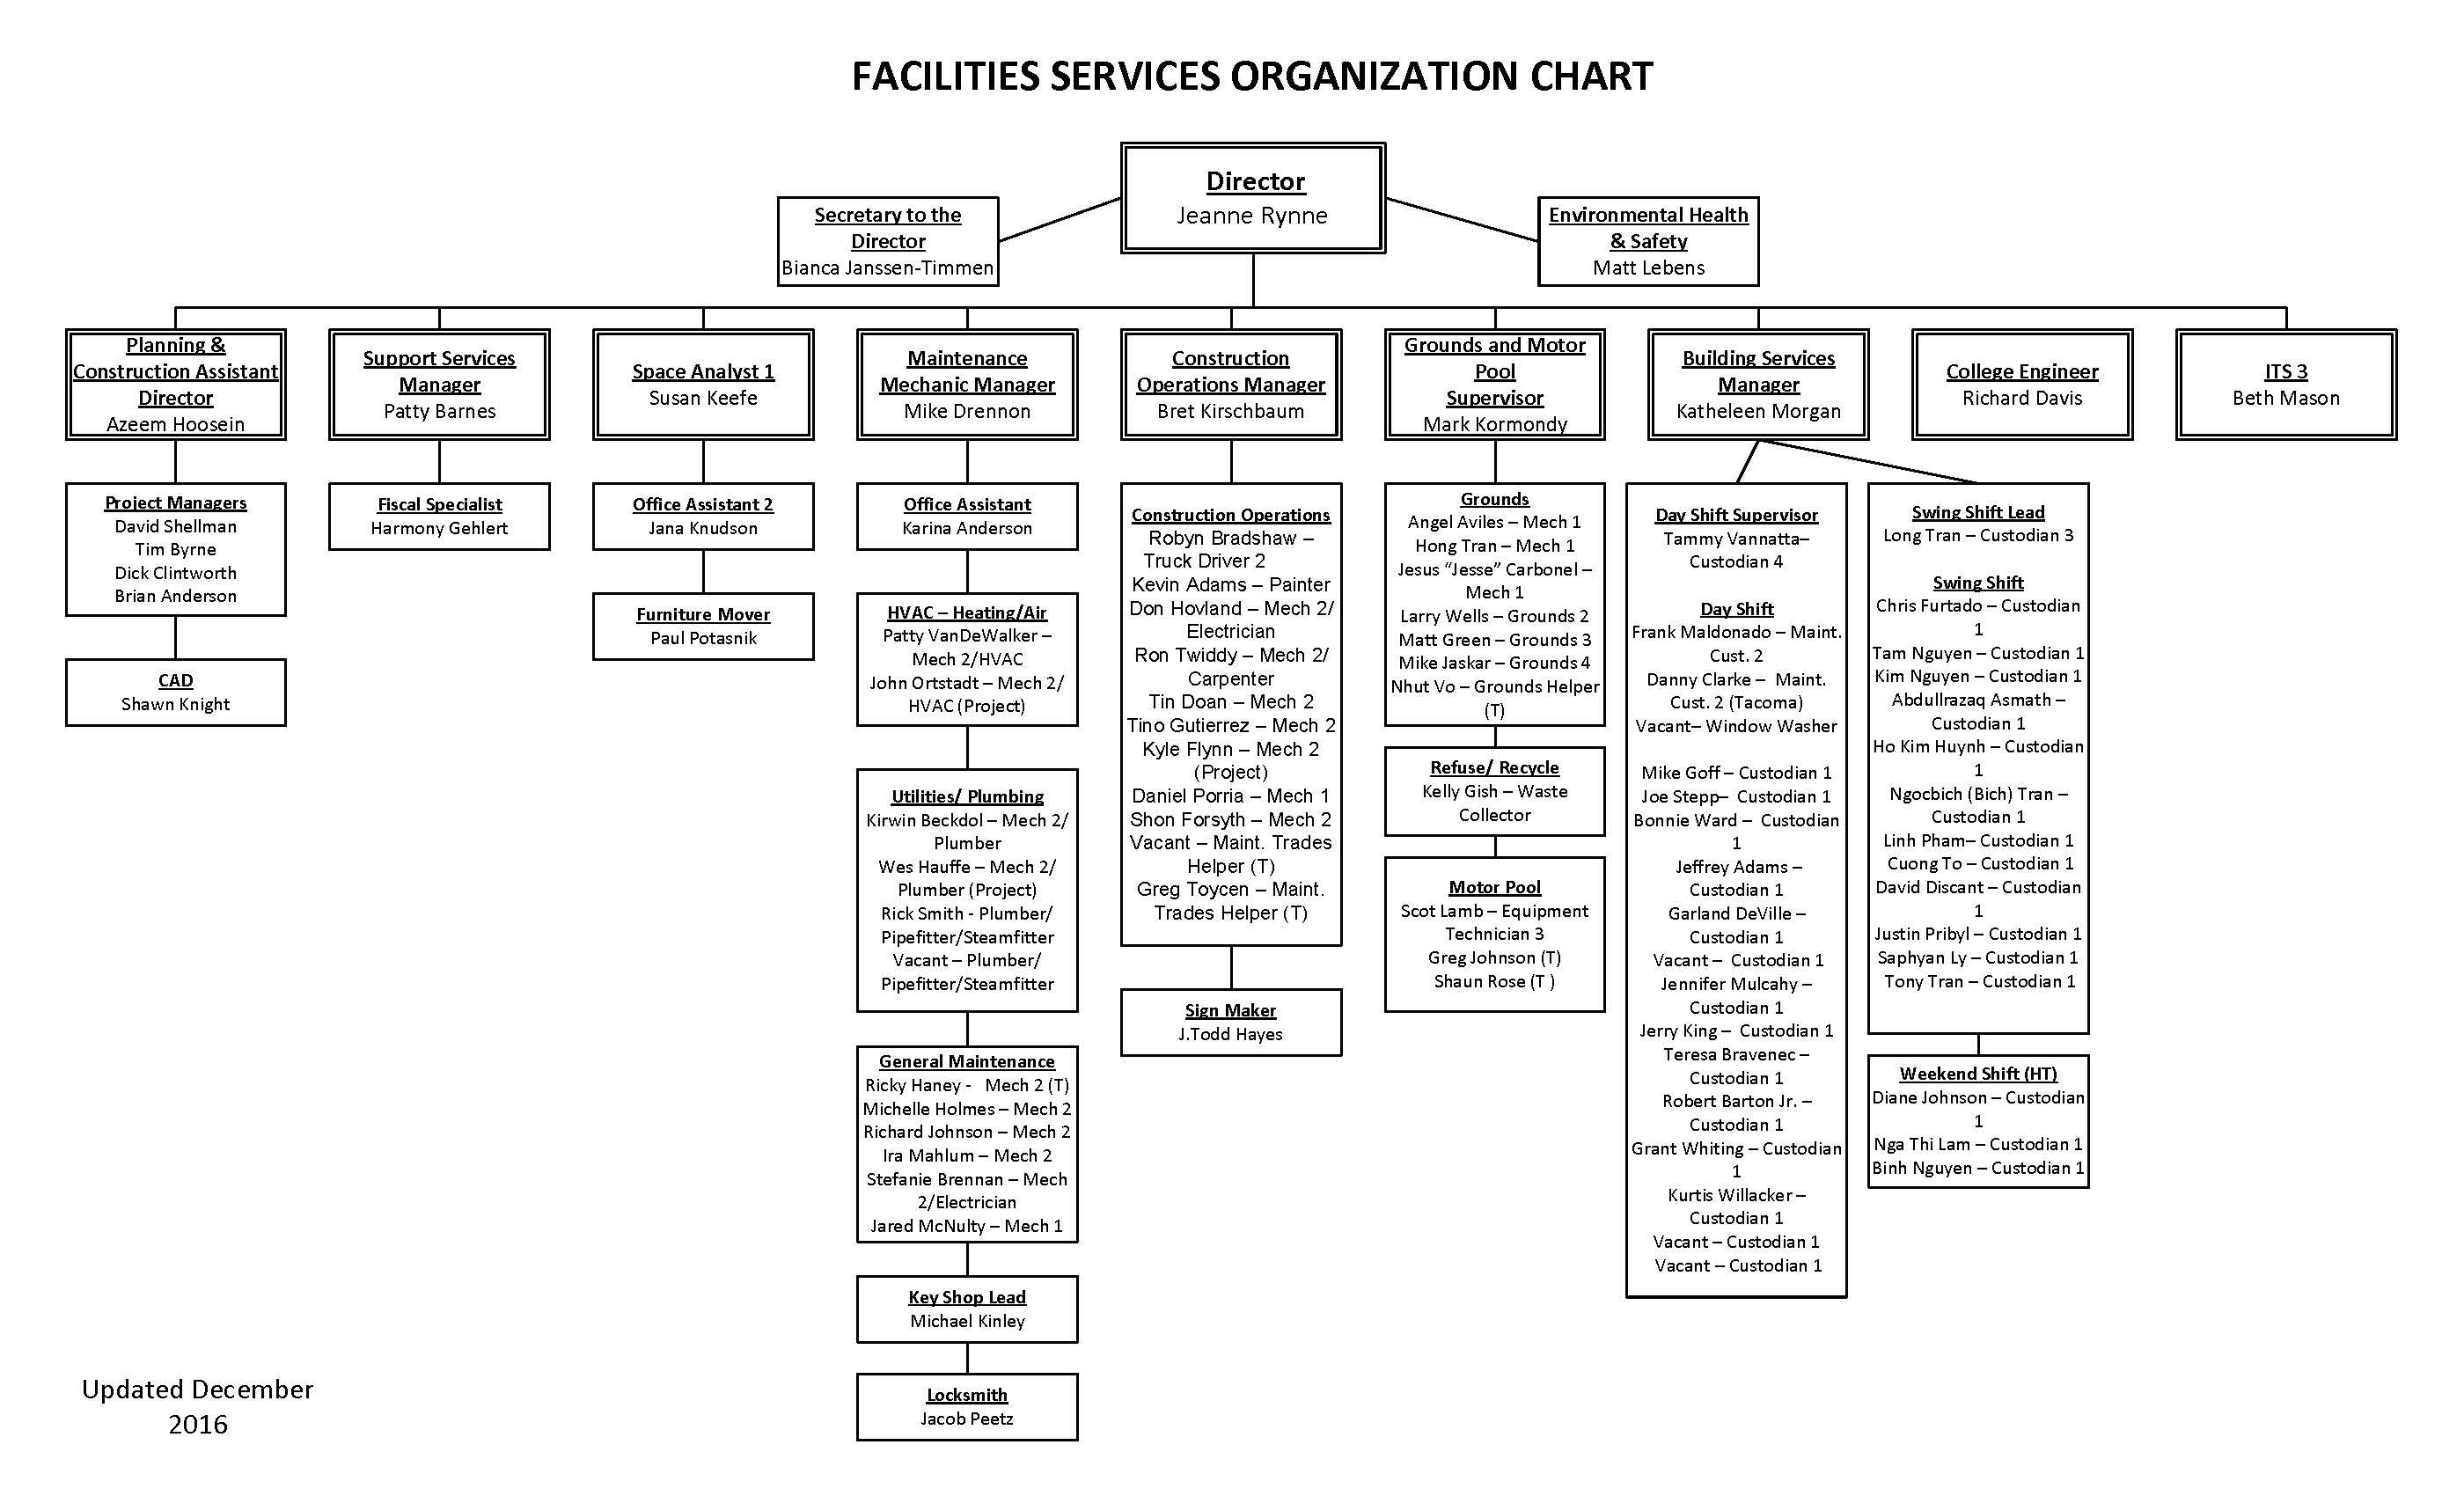 Facilities Org Chart 1 December2016 Jpg The Evergreen